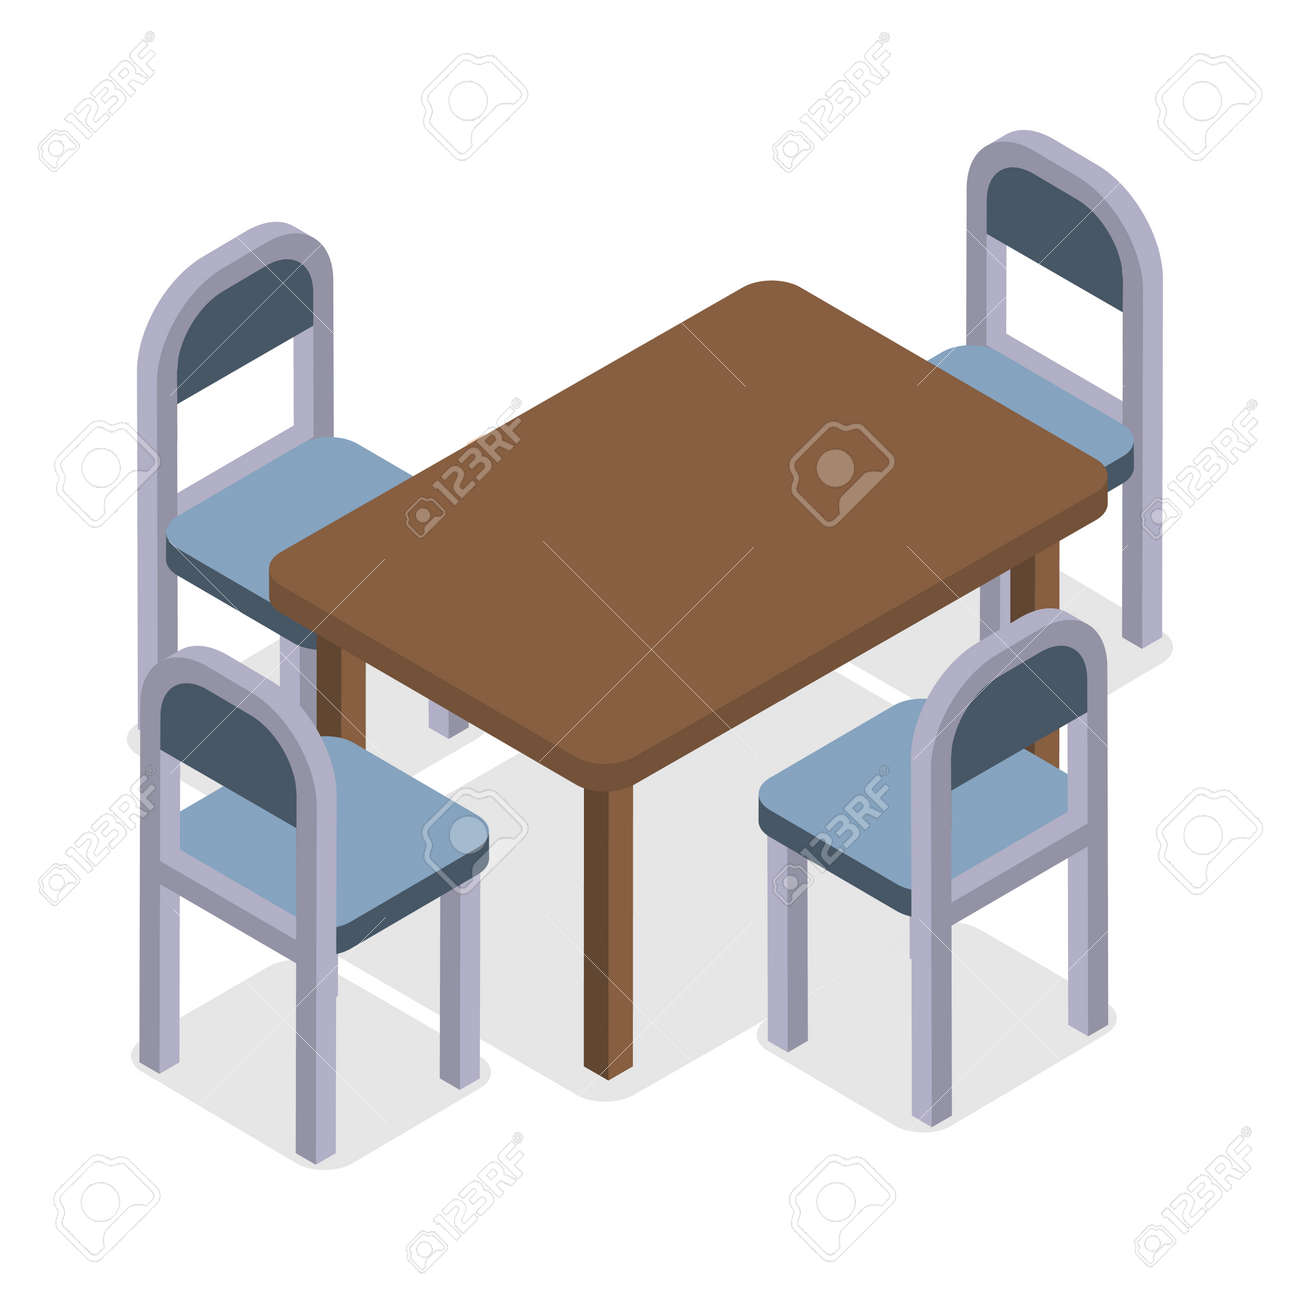 Silla y mesa de diseño isométrico. Silla de la mesa de comedor aislada,  muebles isométricos, interior del sitio, muebles interiores del hogar y ...